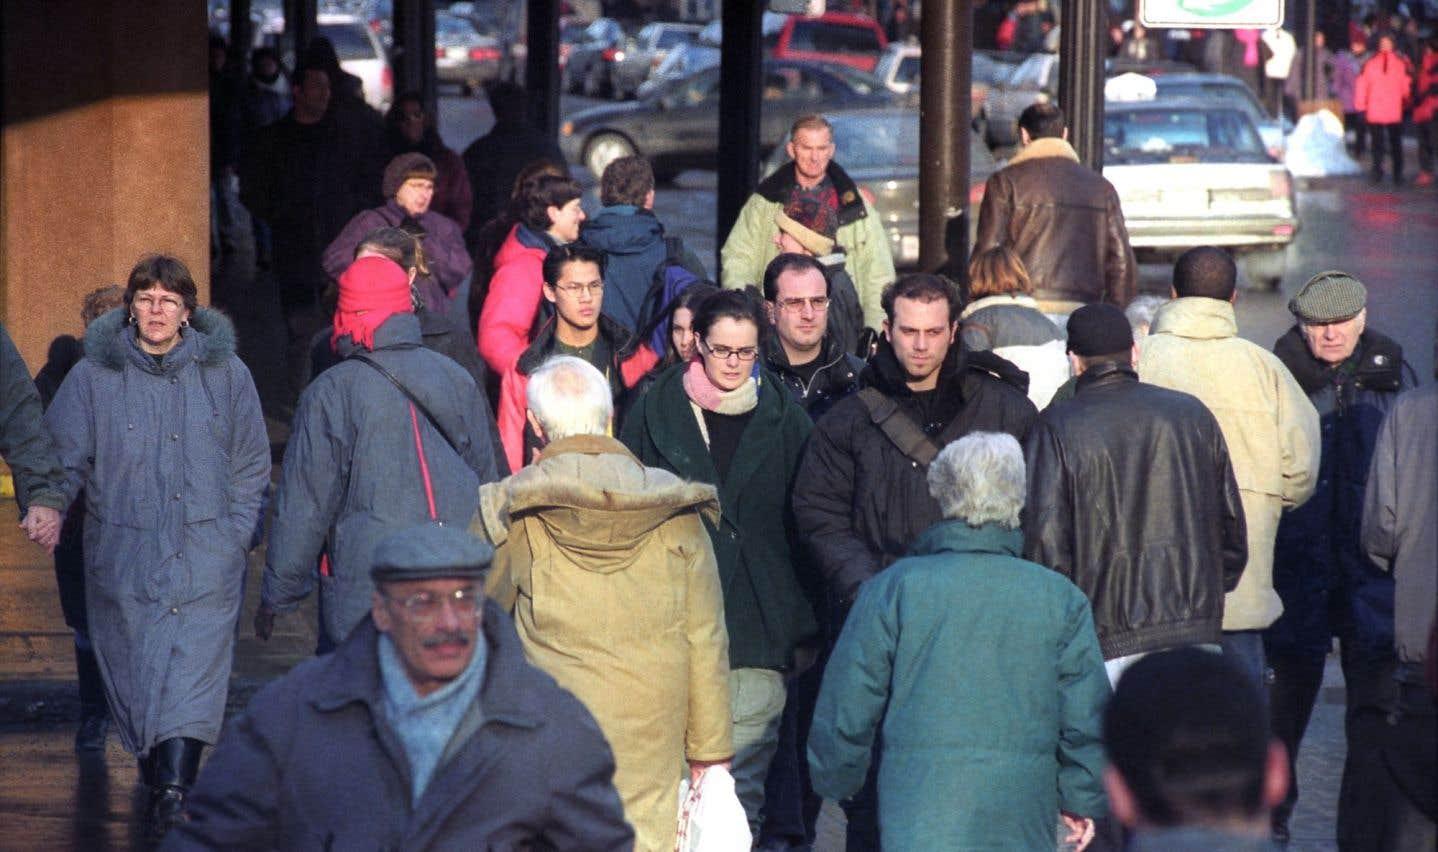 Le français reculera au Québec comme au Canada